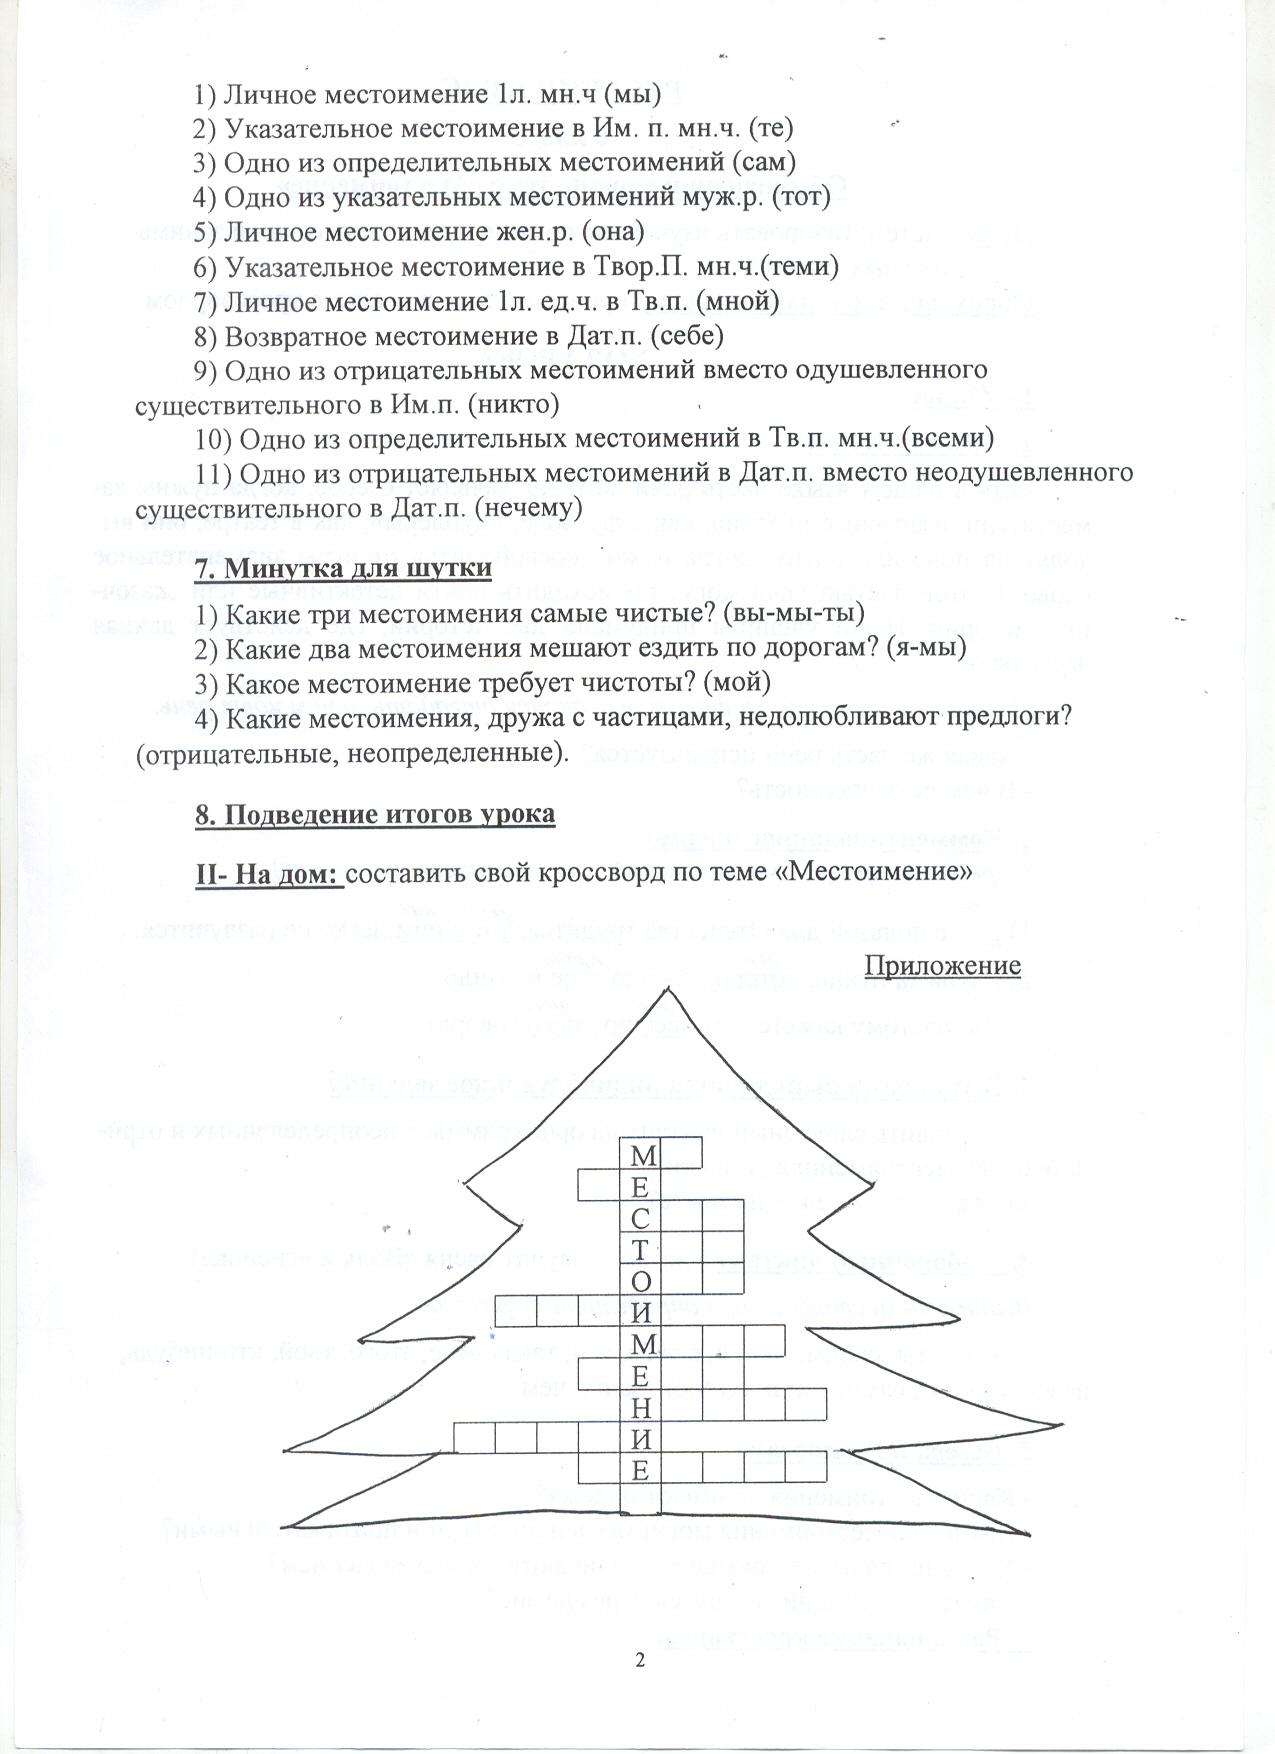 E:\для И.В.Ш\лист 14.jpg